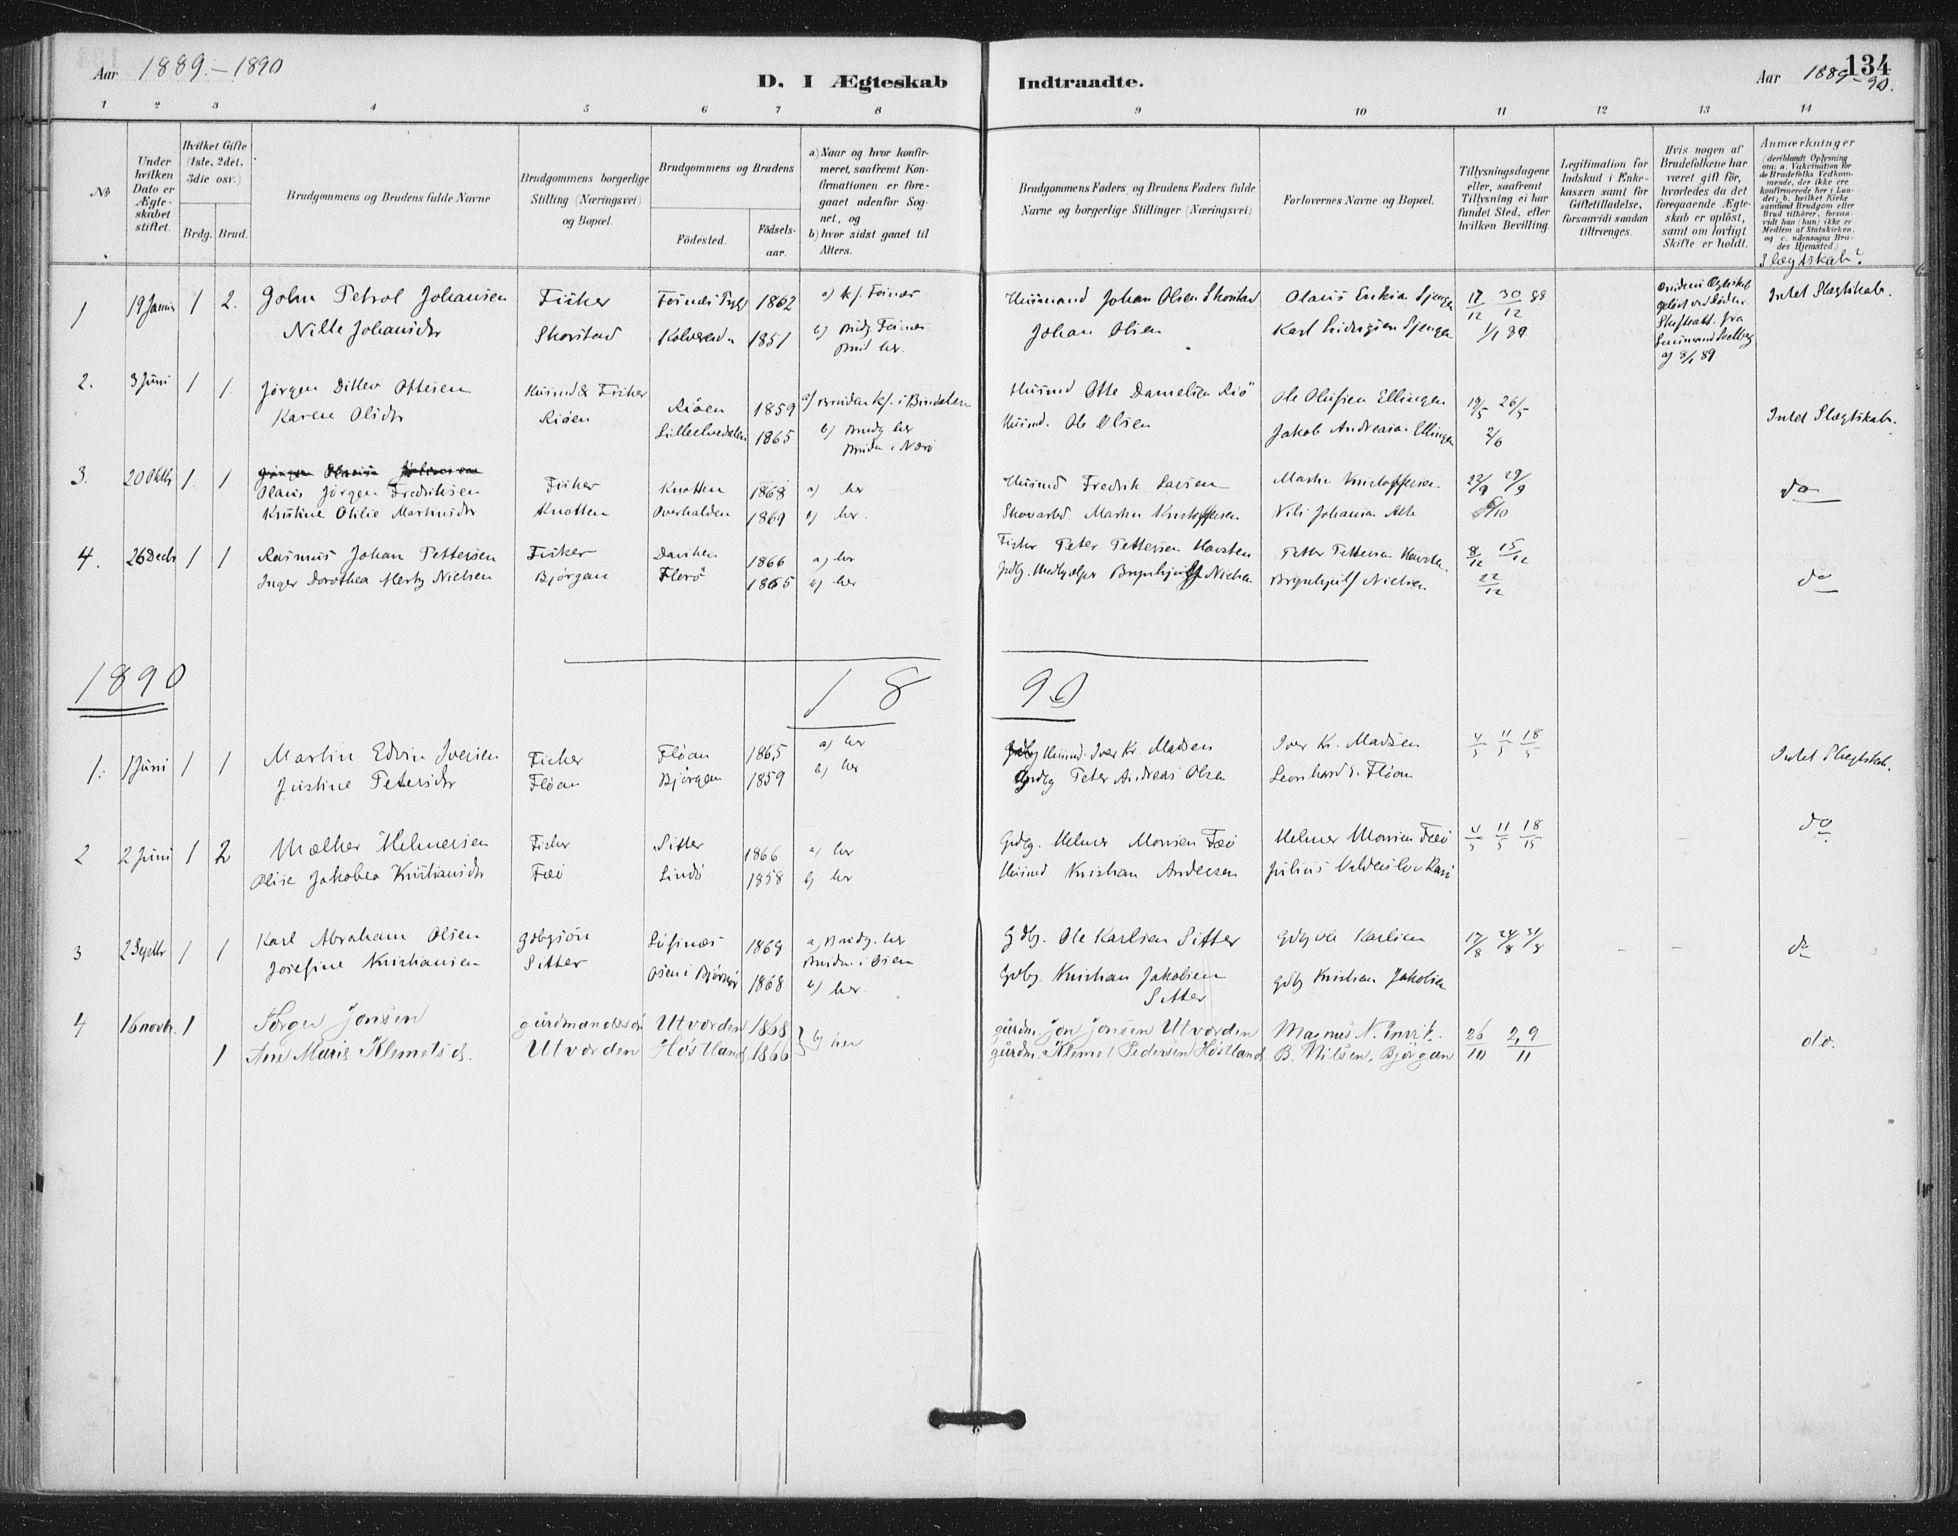 SAT, Ministerialprotokoller, klokkerbøker og fødselsregistre - Nord-Trøndelag, 772/L0603: Ministerialbok nr. 772A01, 1885-1912, s. 134